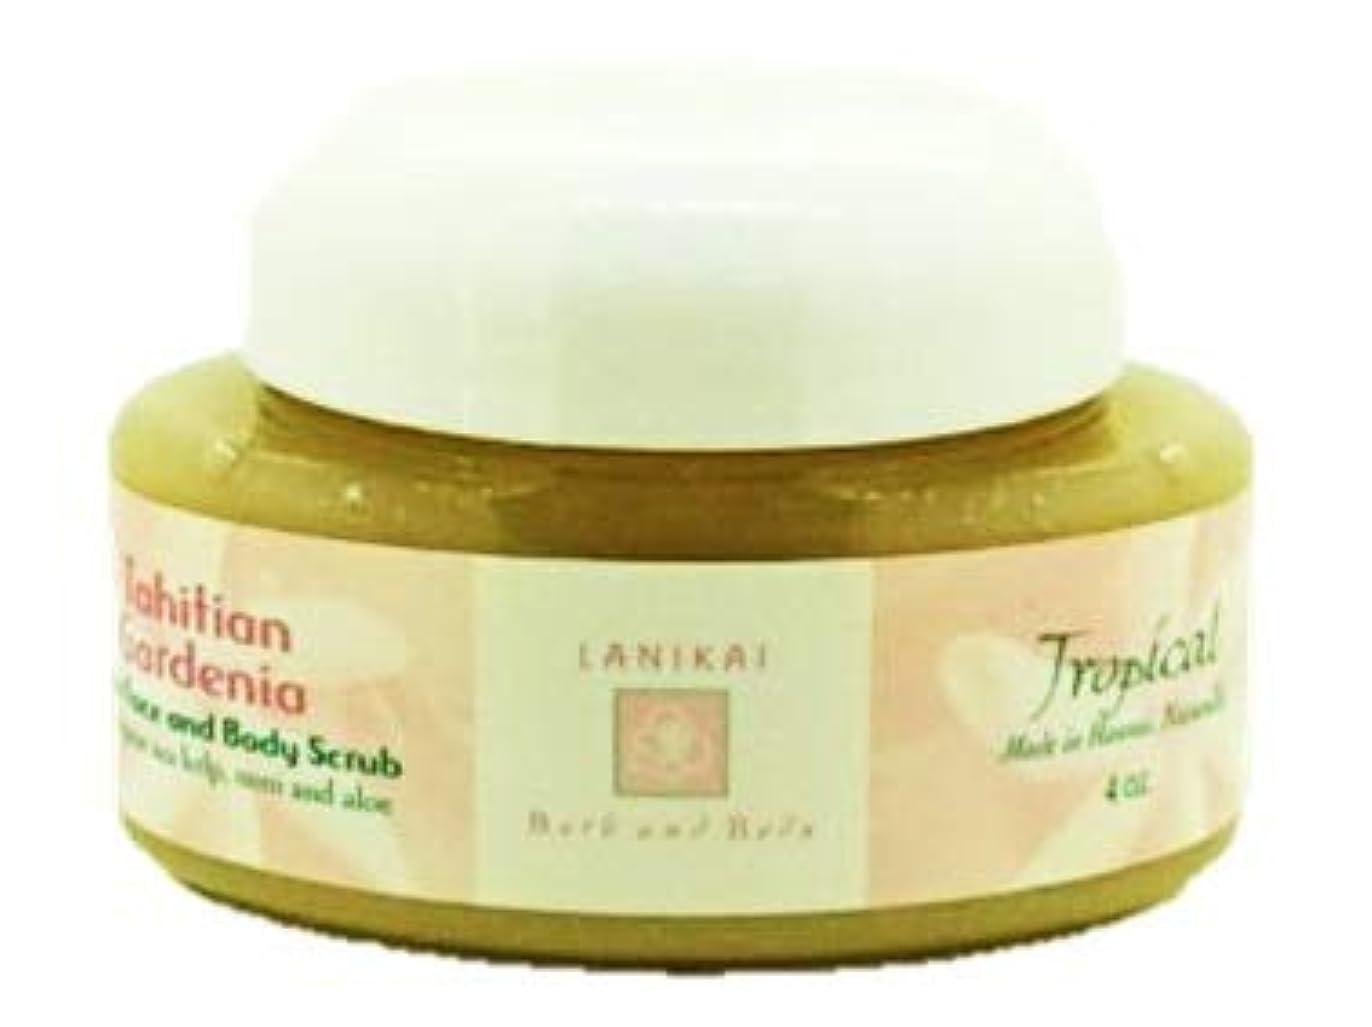 配置プラットフォーム充実LANIKAI Tahituian Gardenia Body Scrub ラニカイ タヒチアン ガーデニア ボディスクラブ 4oz